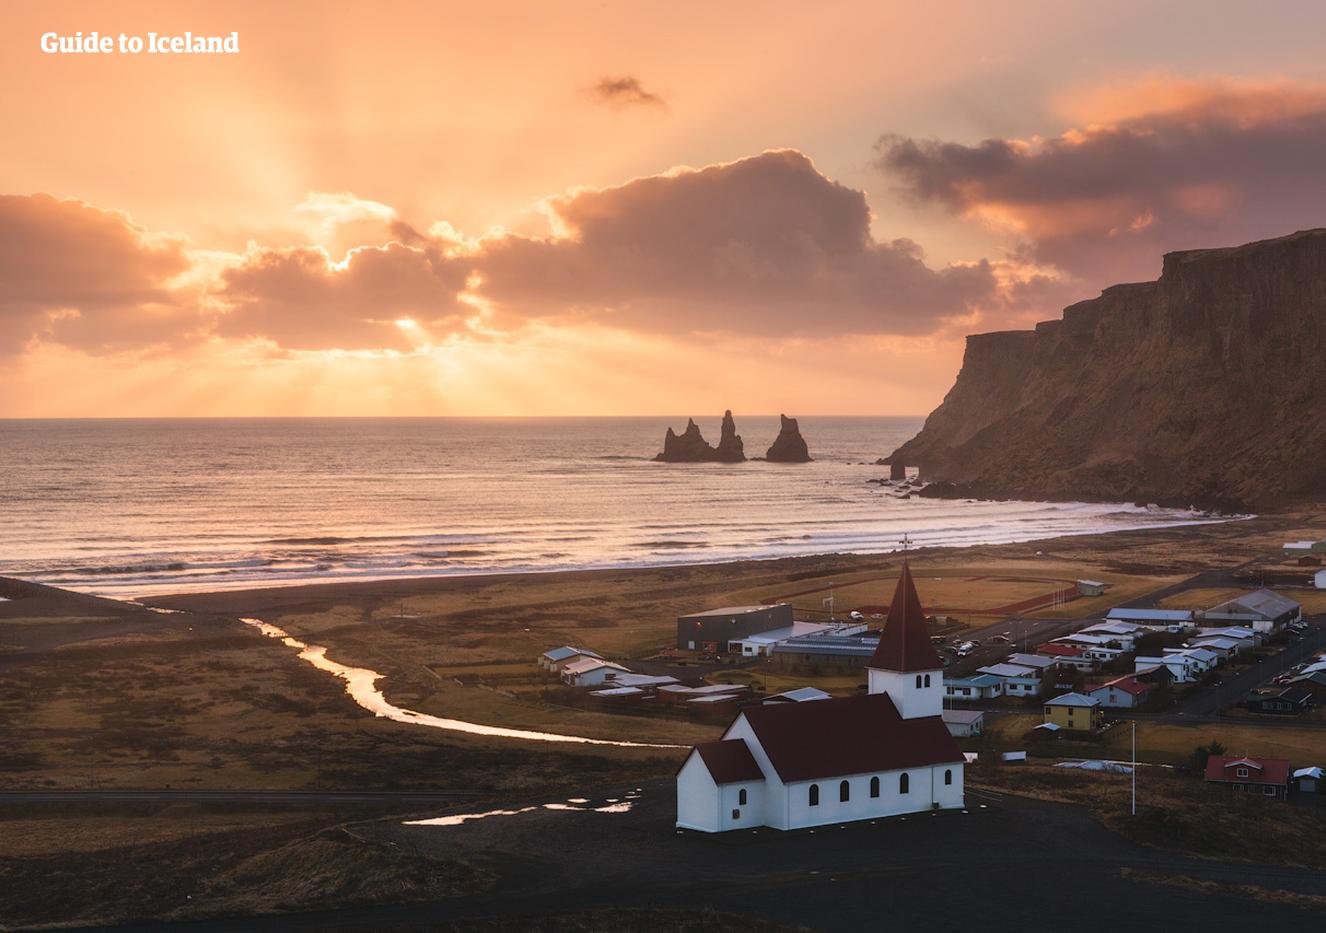 아이슬란드 남동부의 스카프타펠 자연보호구역.